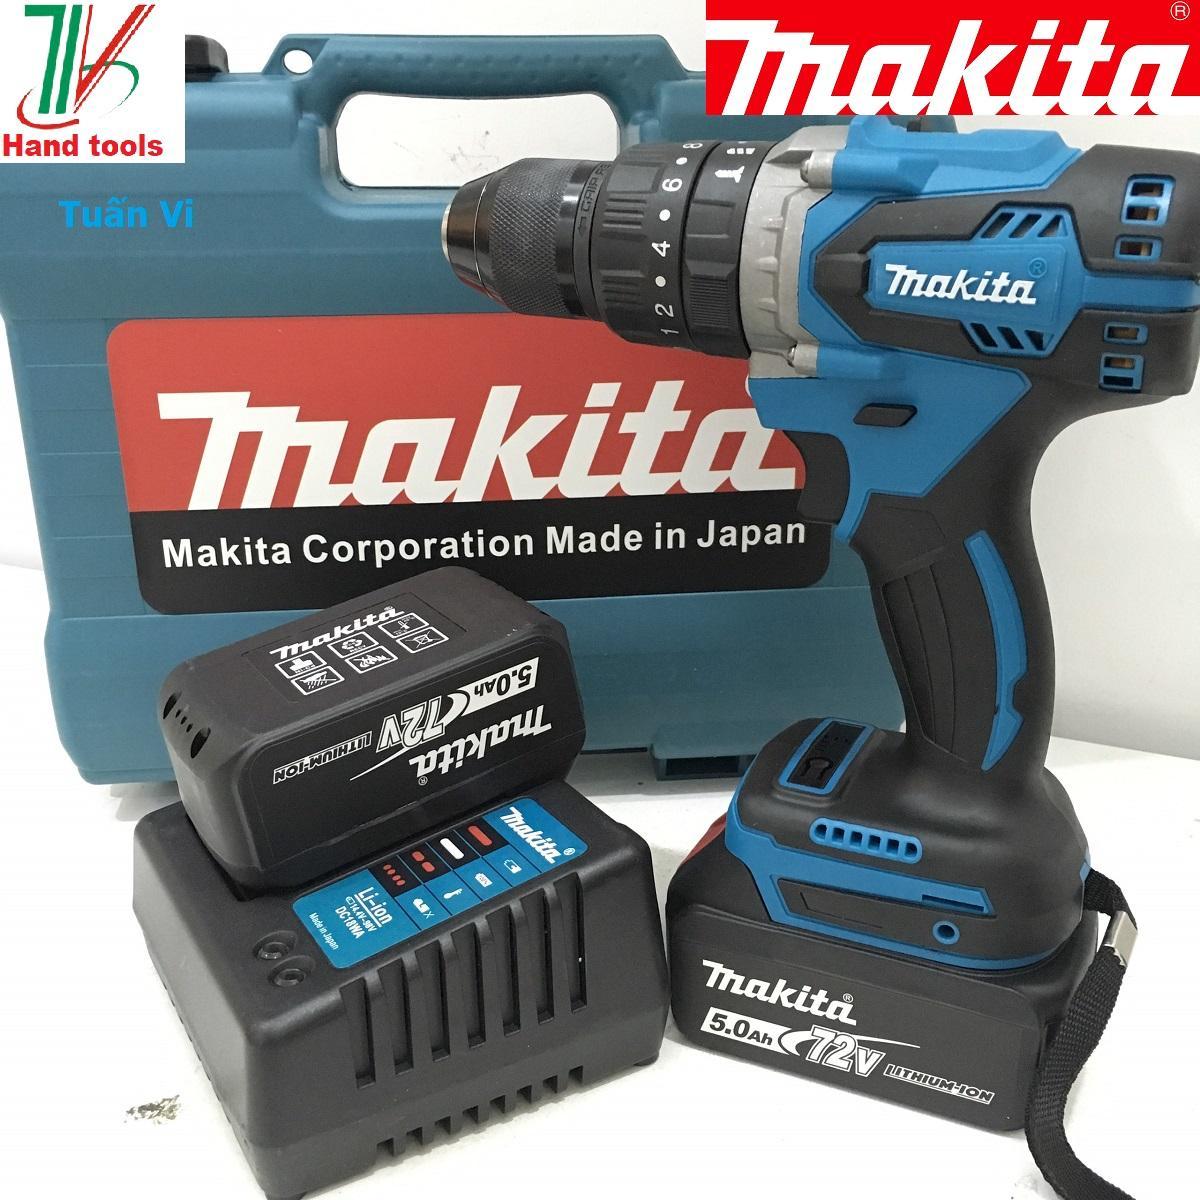 Máy Khoan Pin Makita Không Chổi Than Đầu 13 ly Có Chức năng Búa Pin 72V5.0Ah